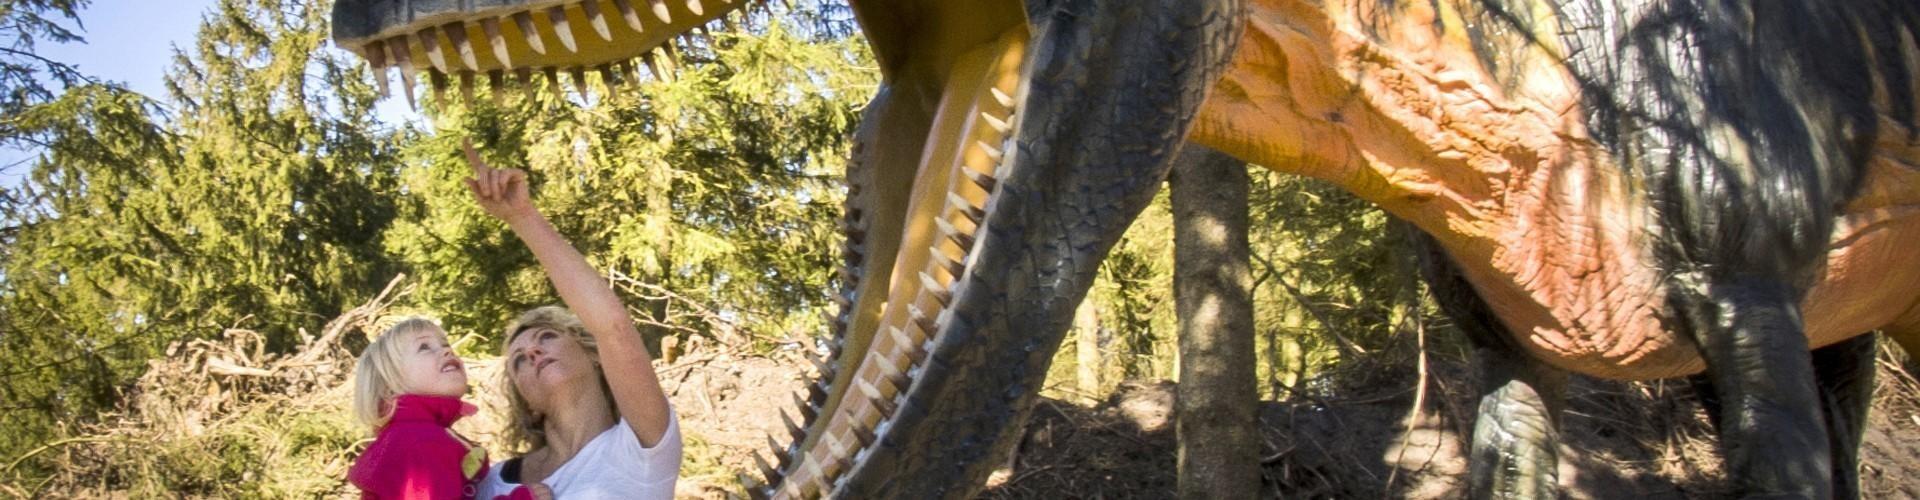 Givskud Zoo indvier dinosaurpark